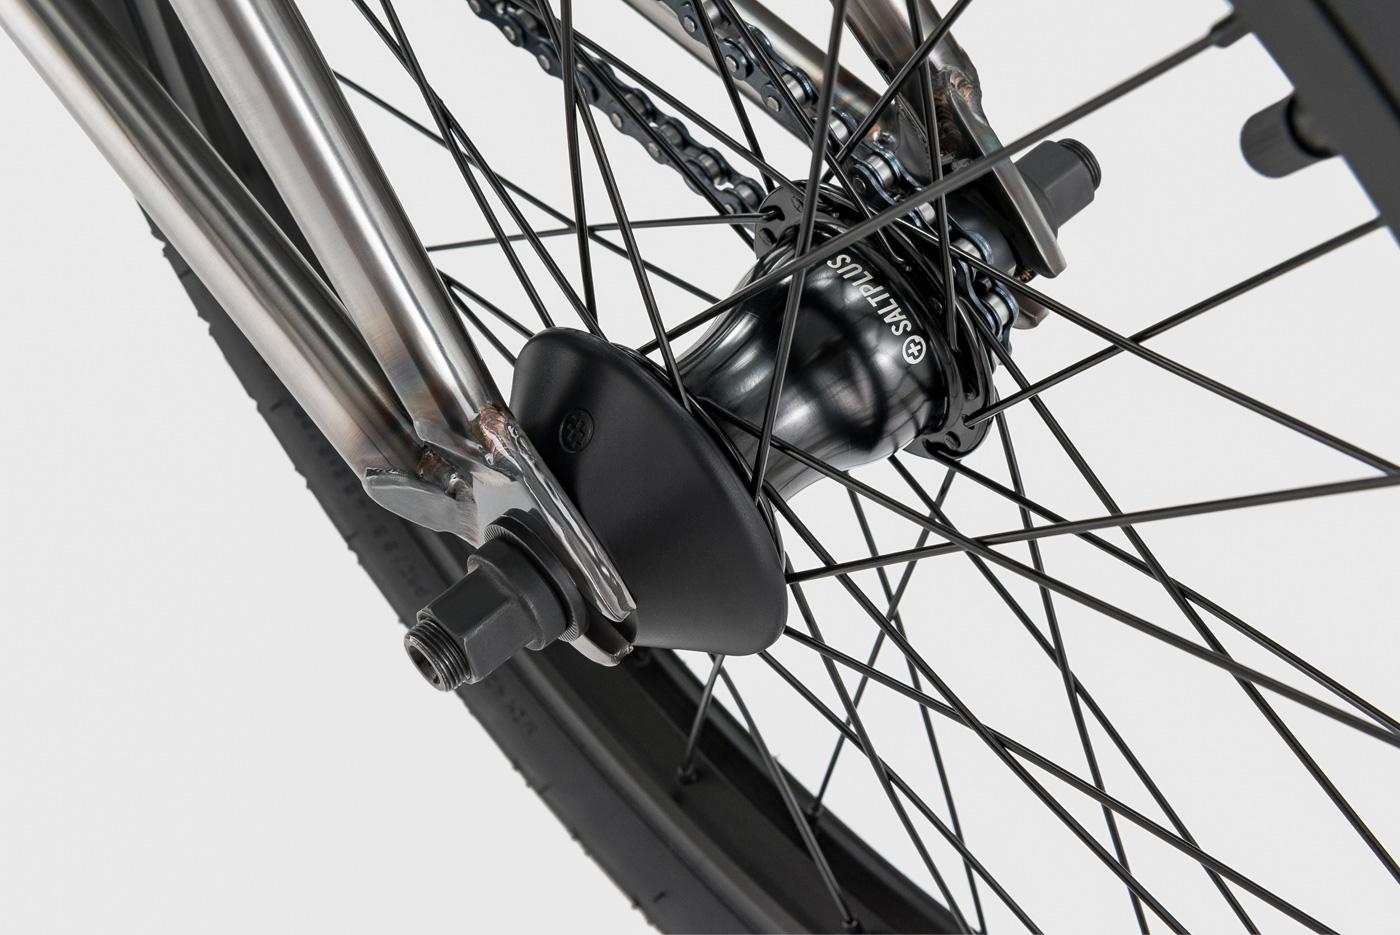 Radio Bikes 2018 Comrad Complete BMX Bike